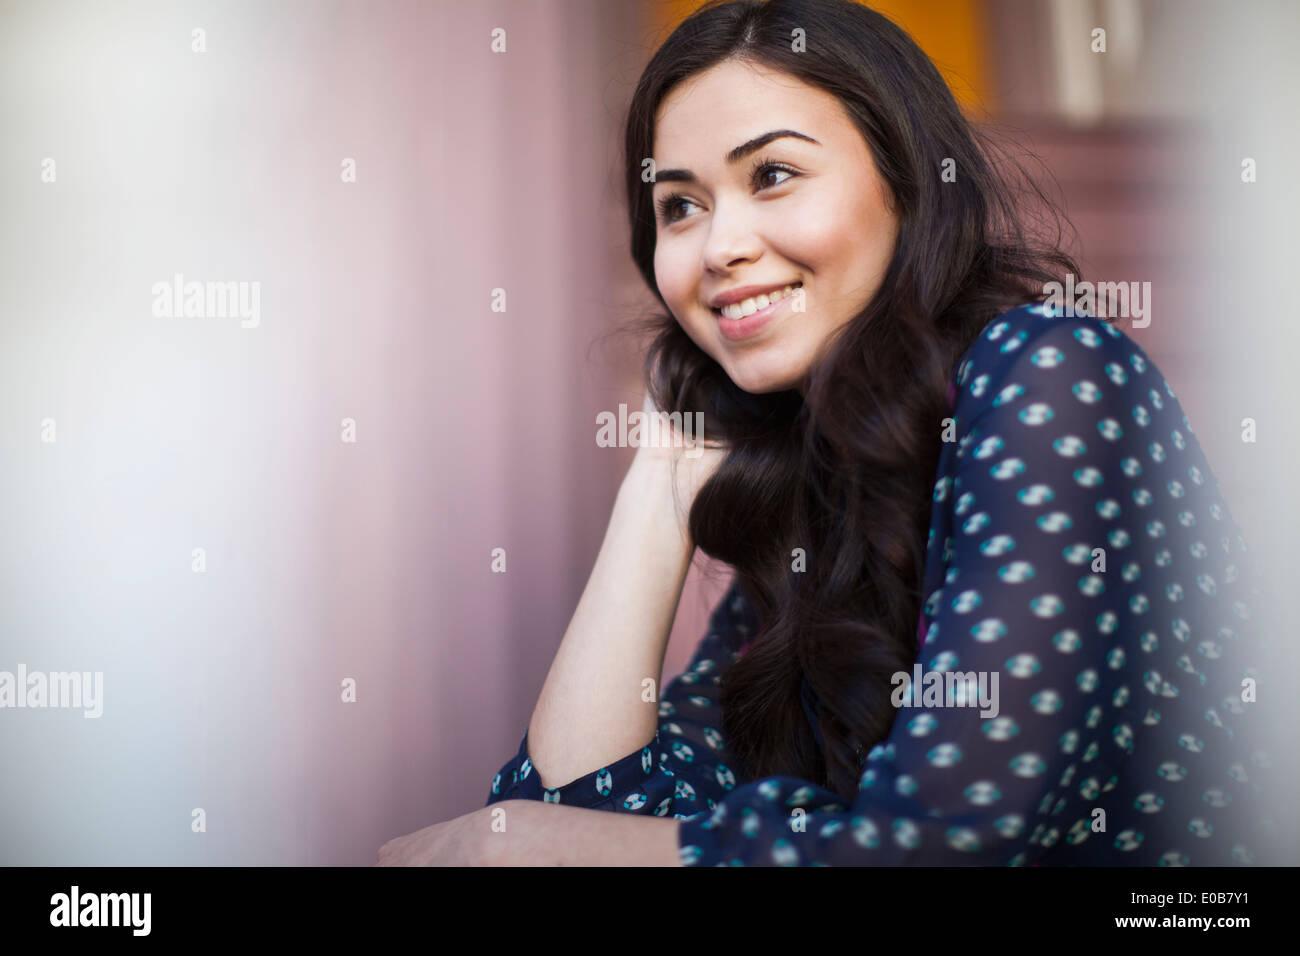 Mujer joven sonriente y mirando a otro lado Imagen De Stock